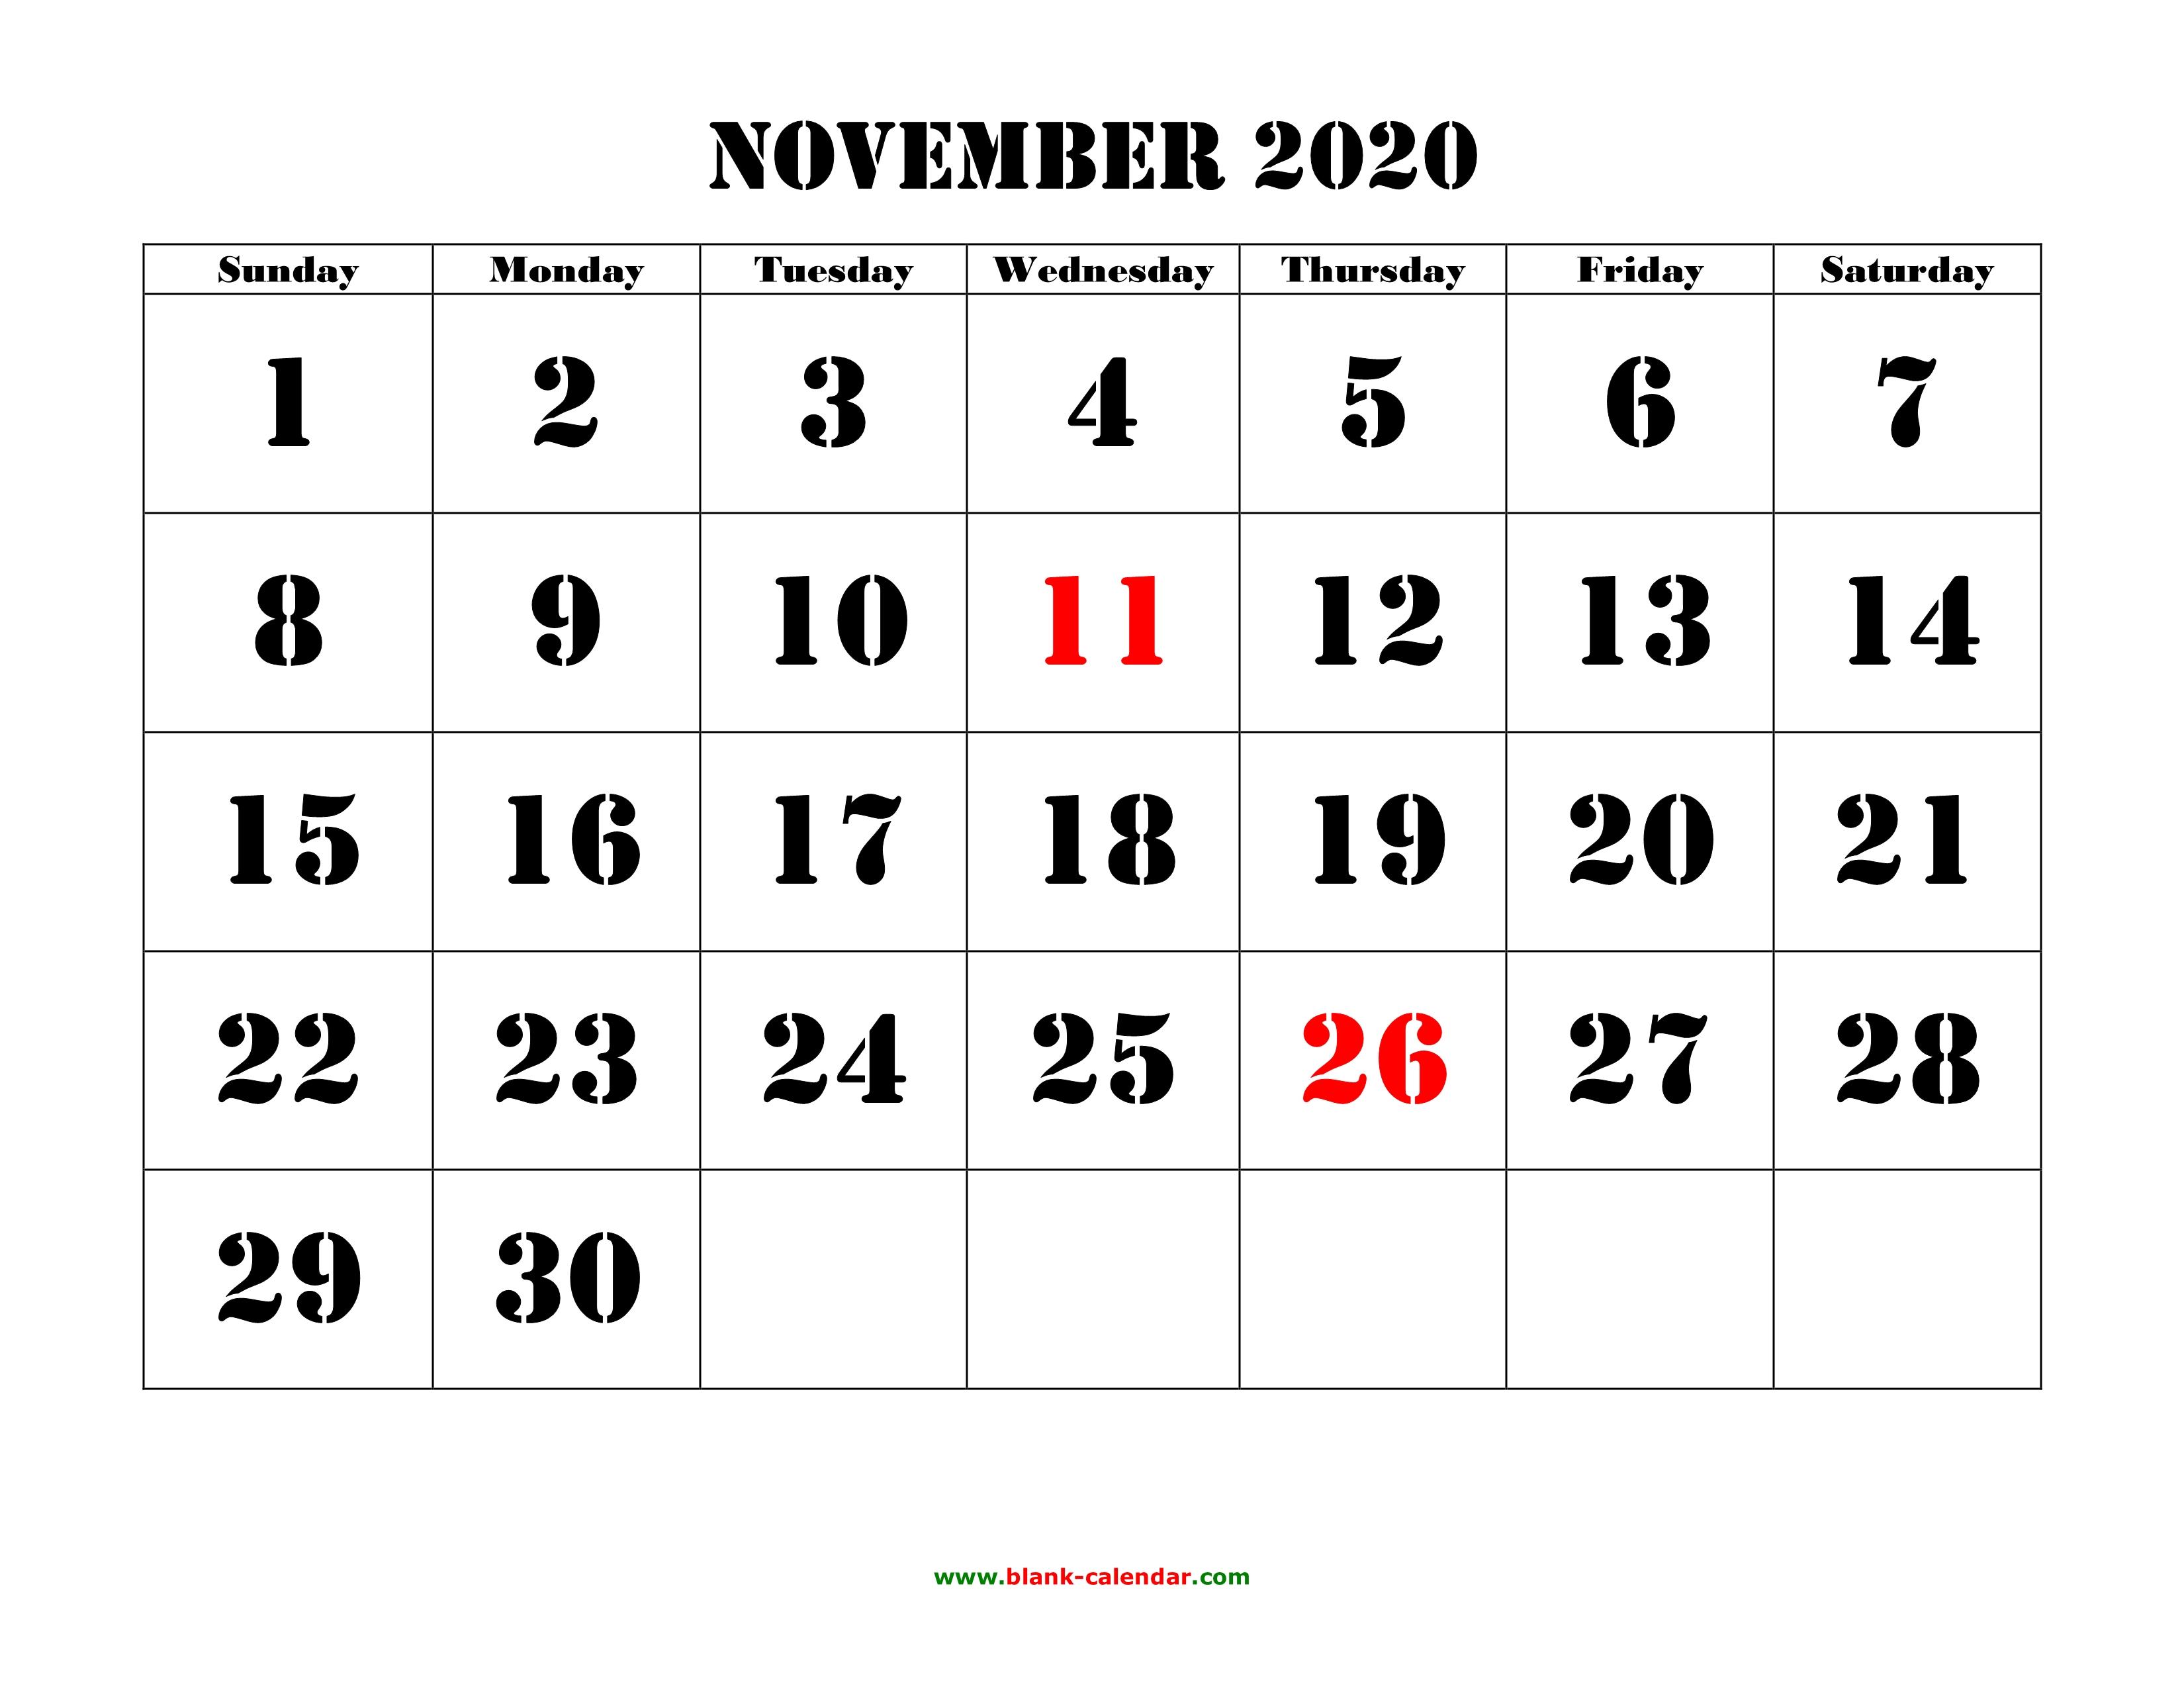 Free Download Printable November 2020 Calendar, Large Font Design